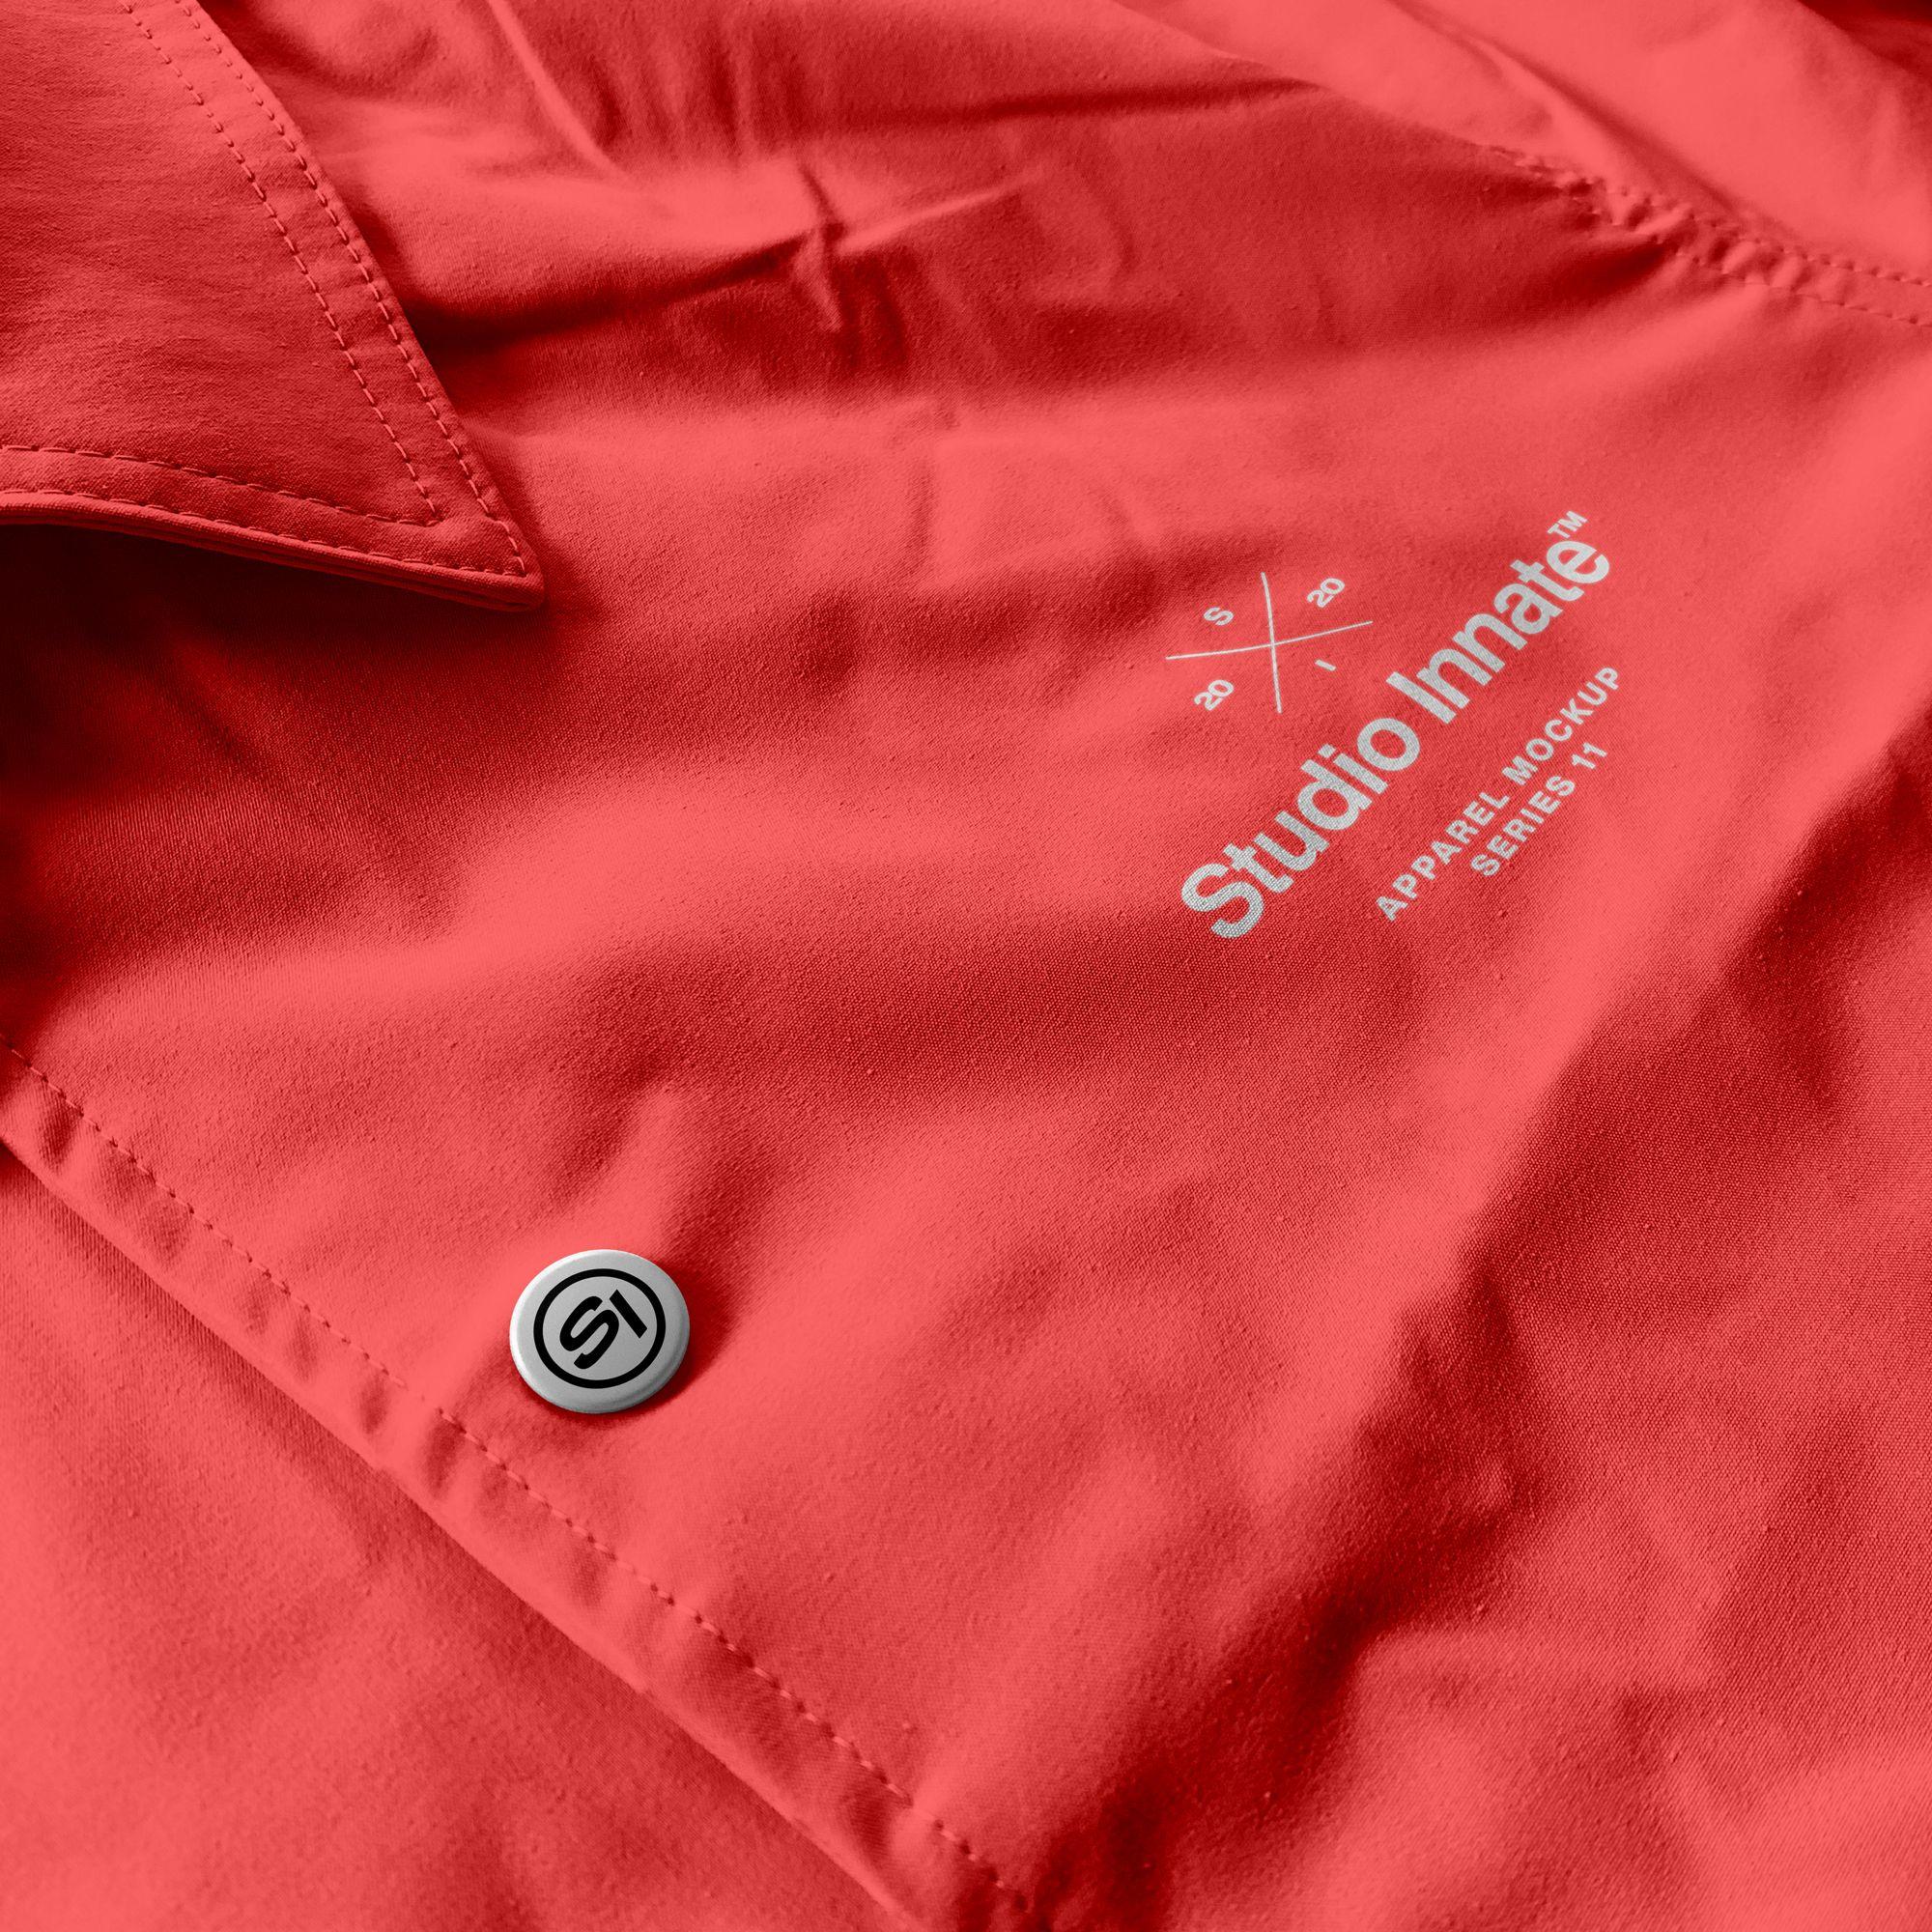 教练长袖夹克衫设计展示样机模板合集 Coach Jacket – Mockup Bundle插图(6)